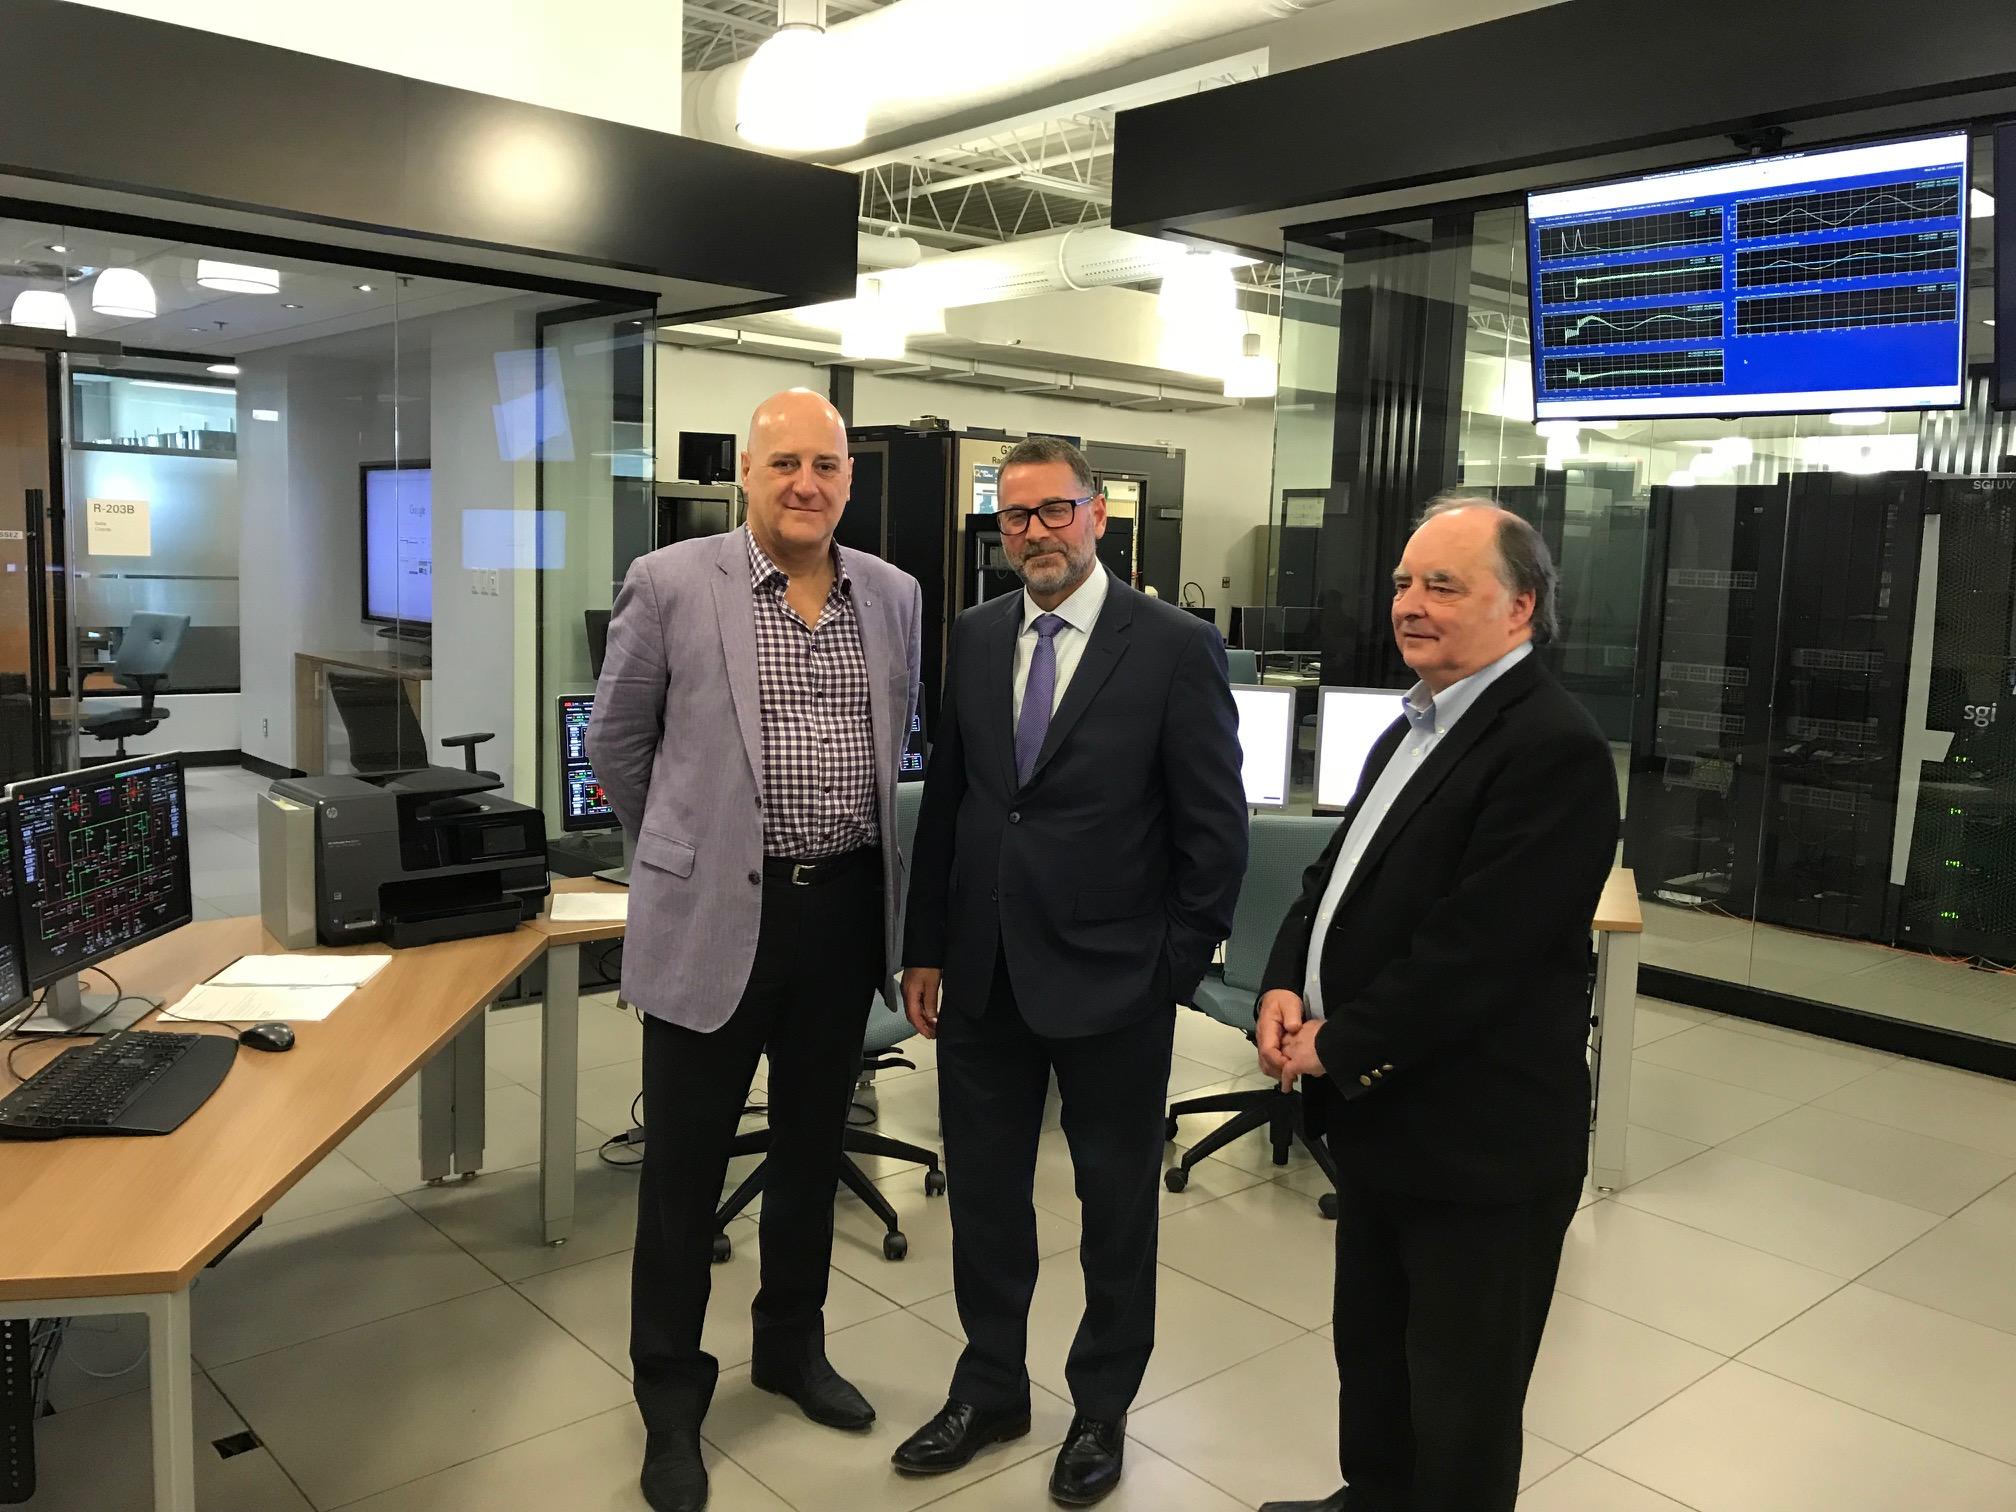 Un investissement de 949 000 $ dans les réseaux intelligents de nouvelle génération à Varennes